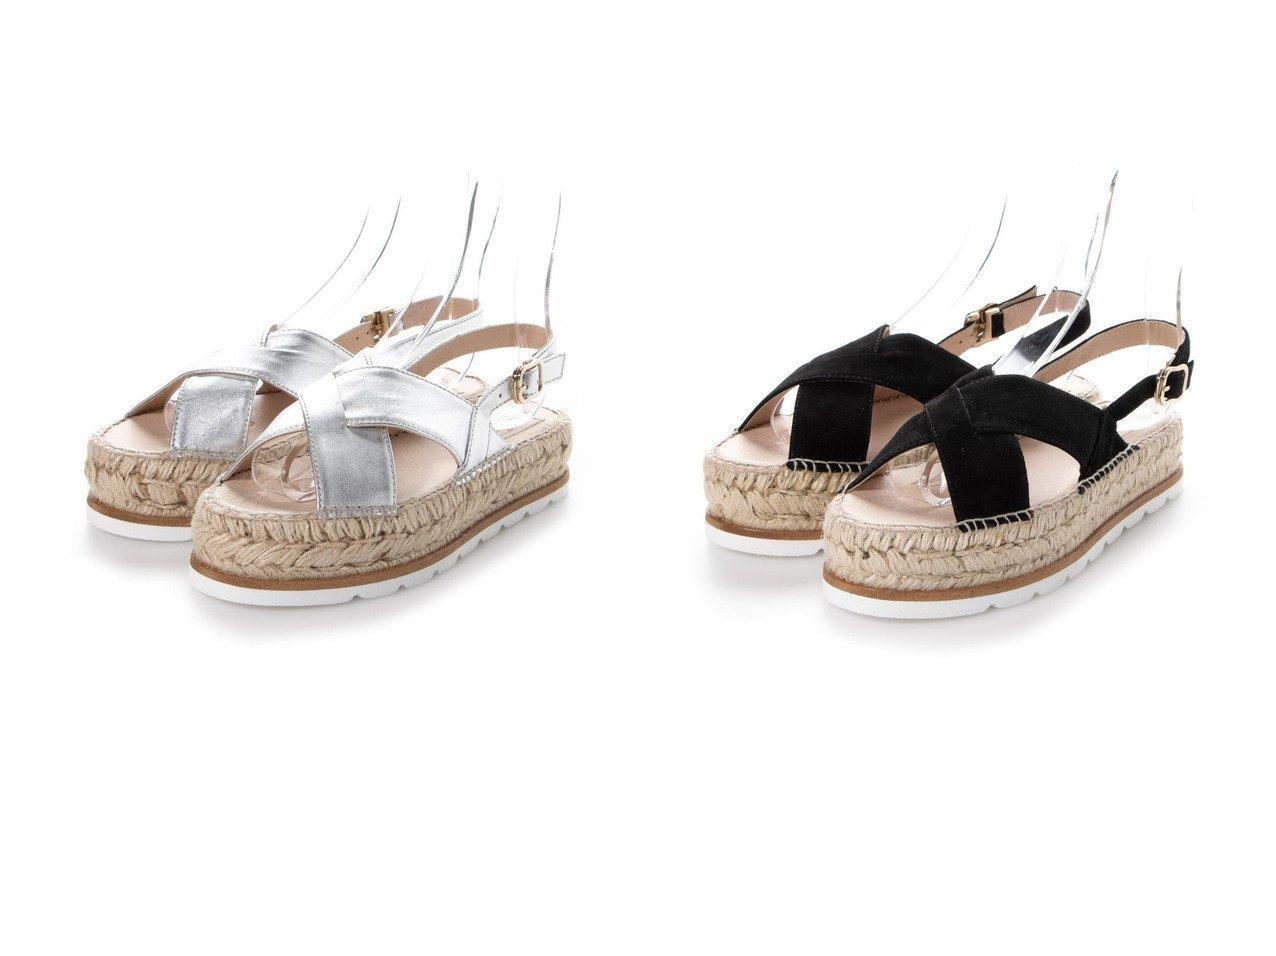 【gaimo/ガイモ】のクロスベルトダブルソールサンダル シューズ・靴のおすすめ!人気、トレンド・レディースファッションの通販 おすすめで人気の流行・トレンド、ファッションの通販商品 メンズファッション・キッズファッション・インテリア・家具・レディースファッション・服の通販 founy(ファニー) https://founy.com/ ファッション Fashion レディースファッション WOMEN ベルト Belts 2020年 2020 2020 春夏 S/S SS Spring/Summer 2020 S/S 春夏 SS Spring/Summer おすすめ Recommend クッション サンダル ジュート フラット ラップ 春 Spring  ID:crp329100000023924